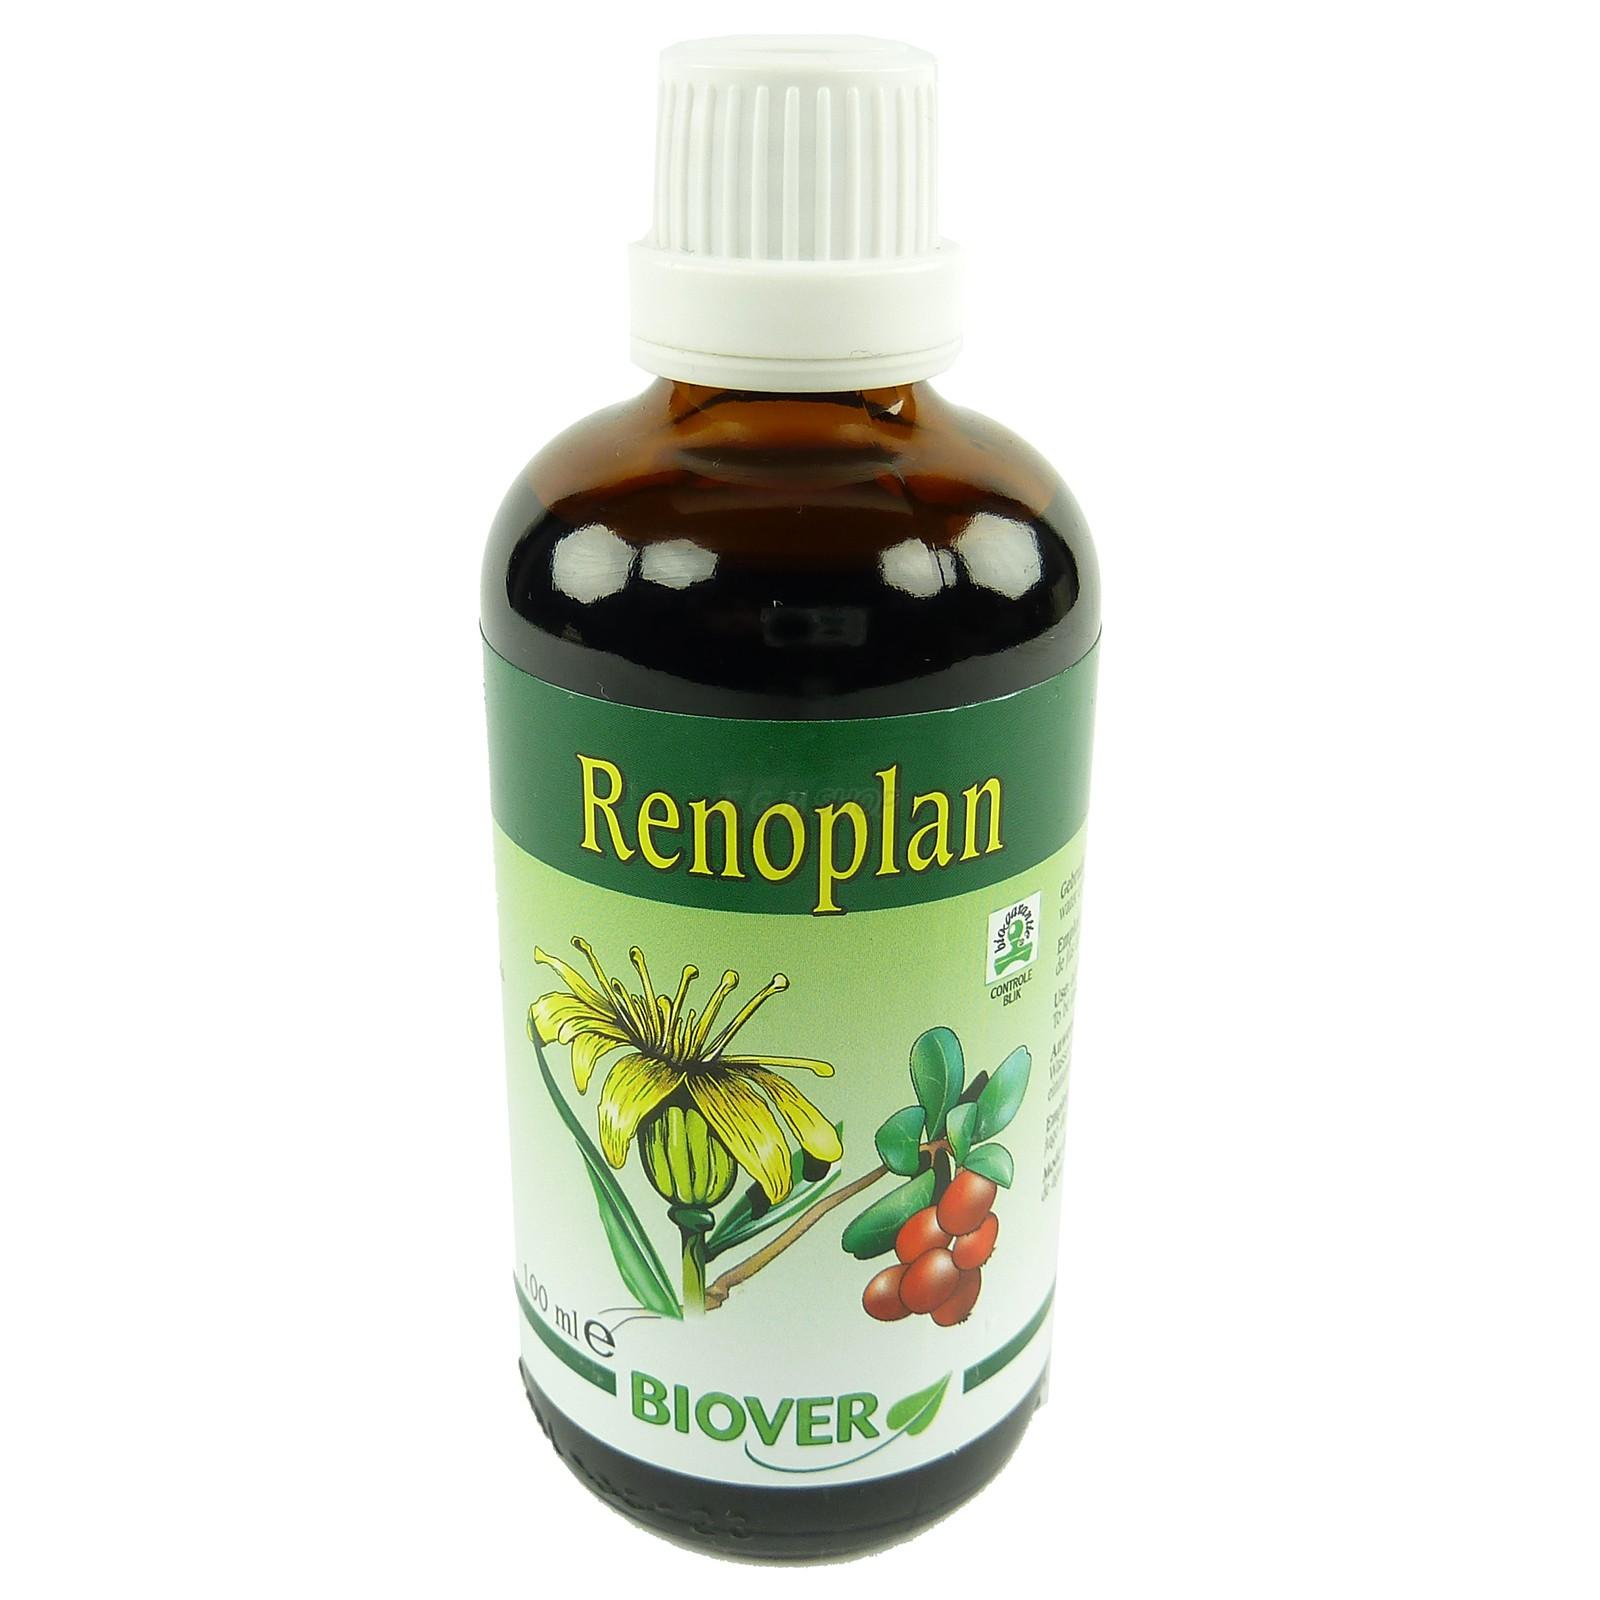 Biover -  Pflanzen Tropfen - Nahrungs Ergänzung  Mineralien  Homöopathie 100ml - Renoplan